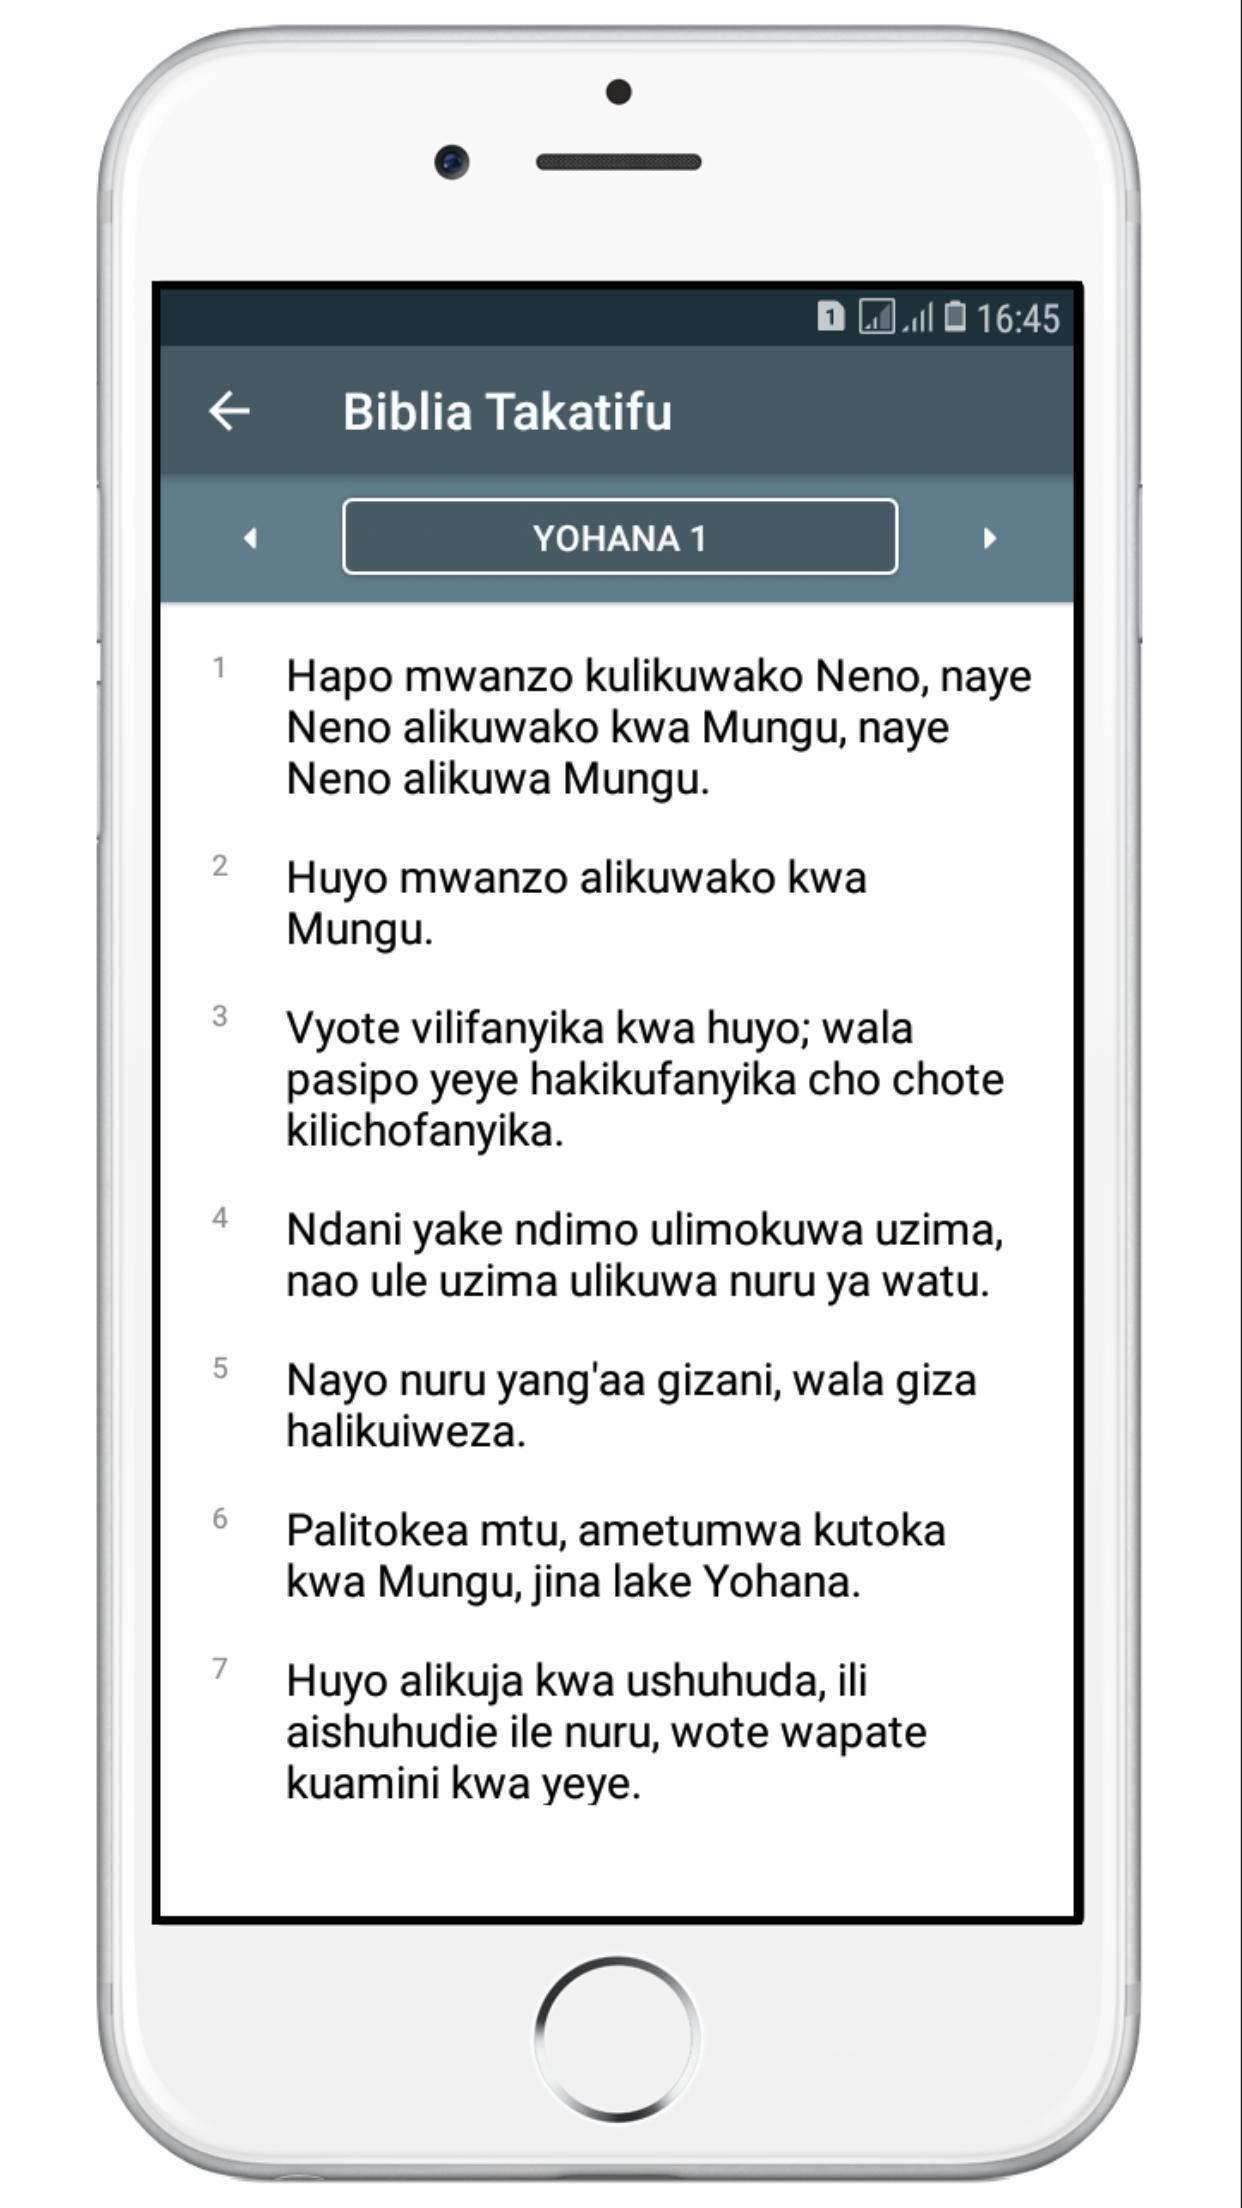 Biblia Takatifu For Android Apk Download